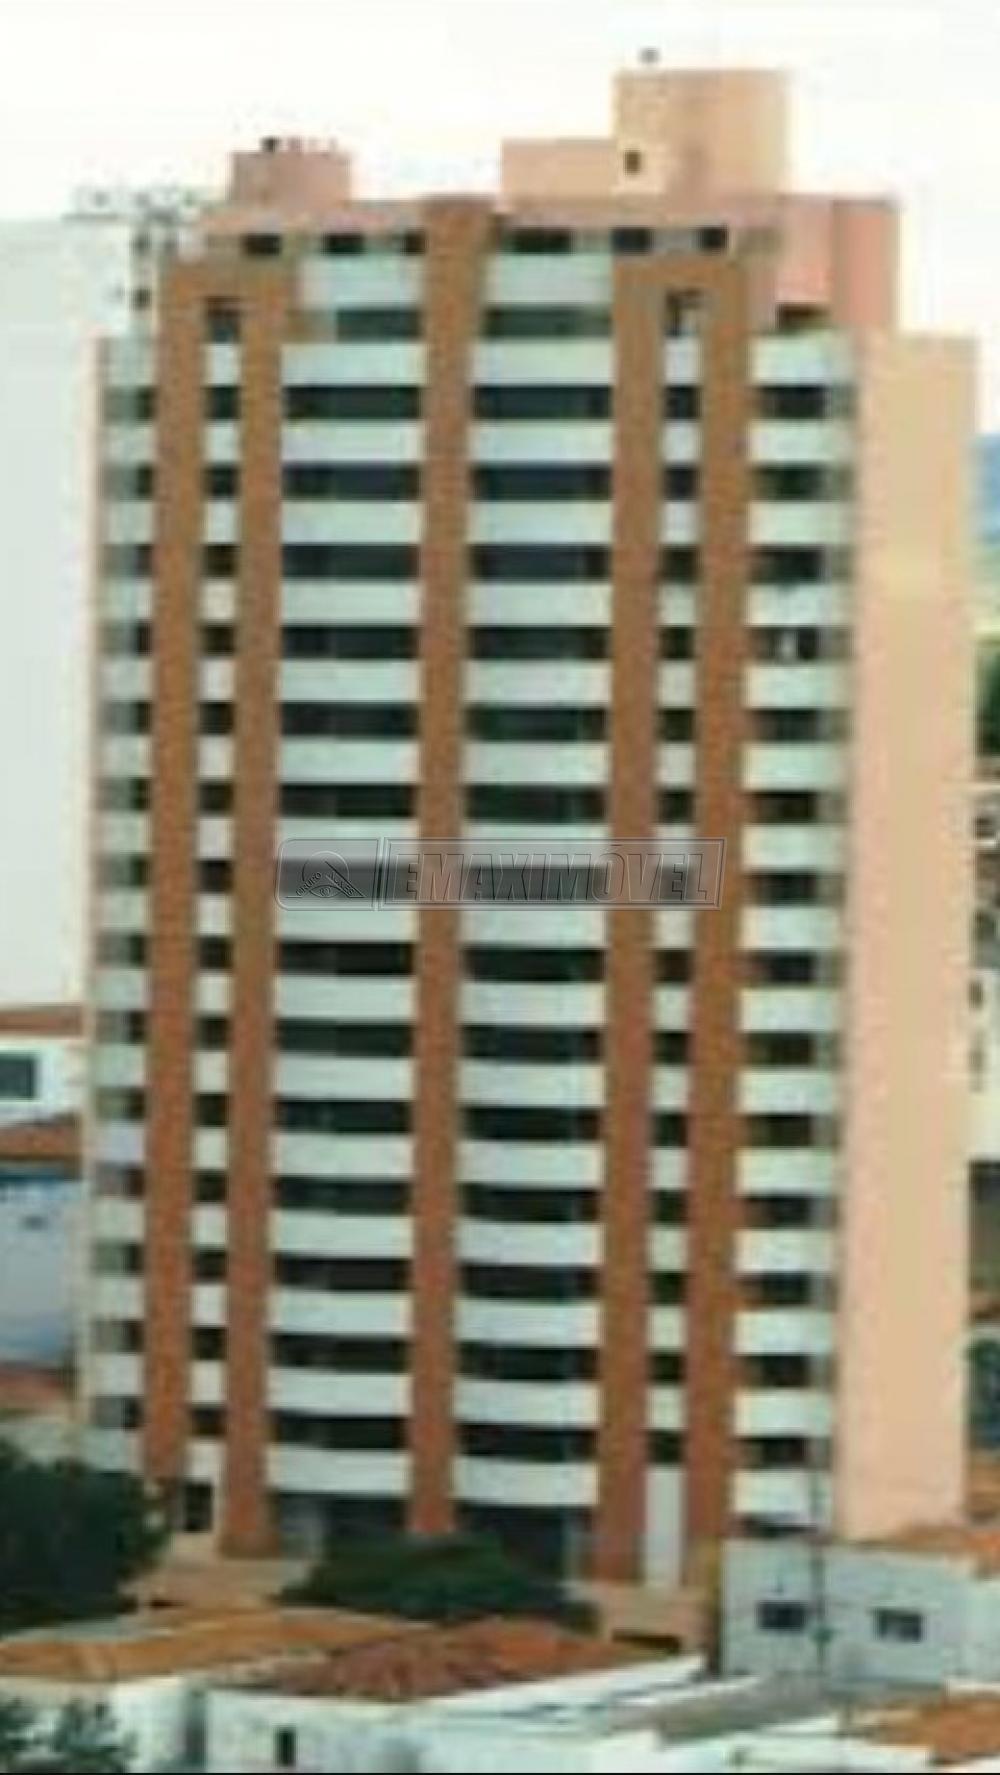 Comprar Apartamentos / Apto Padrão em Sorocaba apenas R$ 440.000,00 - Foto 1